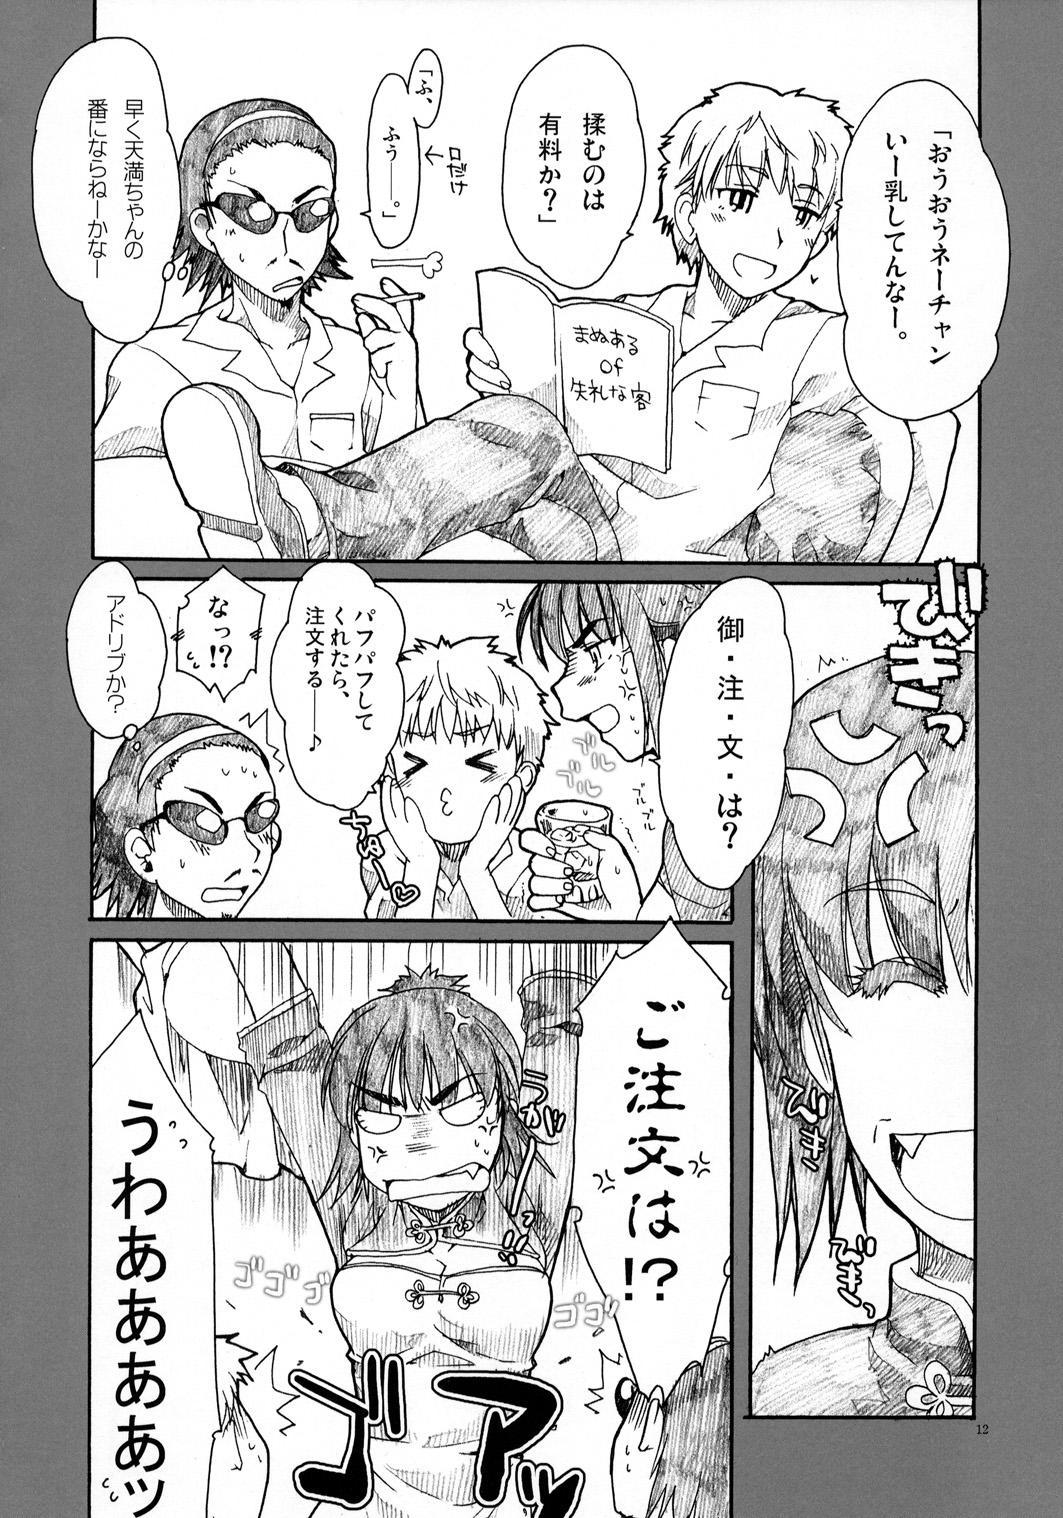 Zenyasai 10